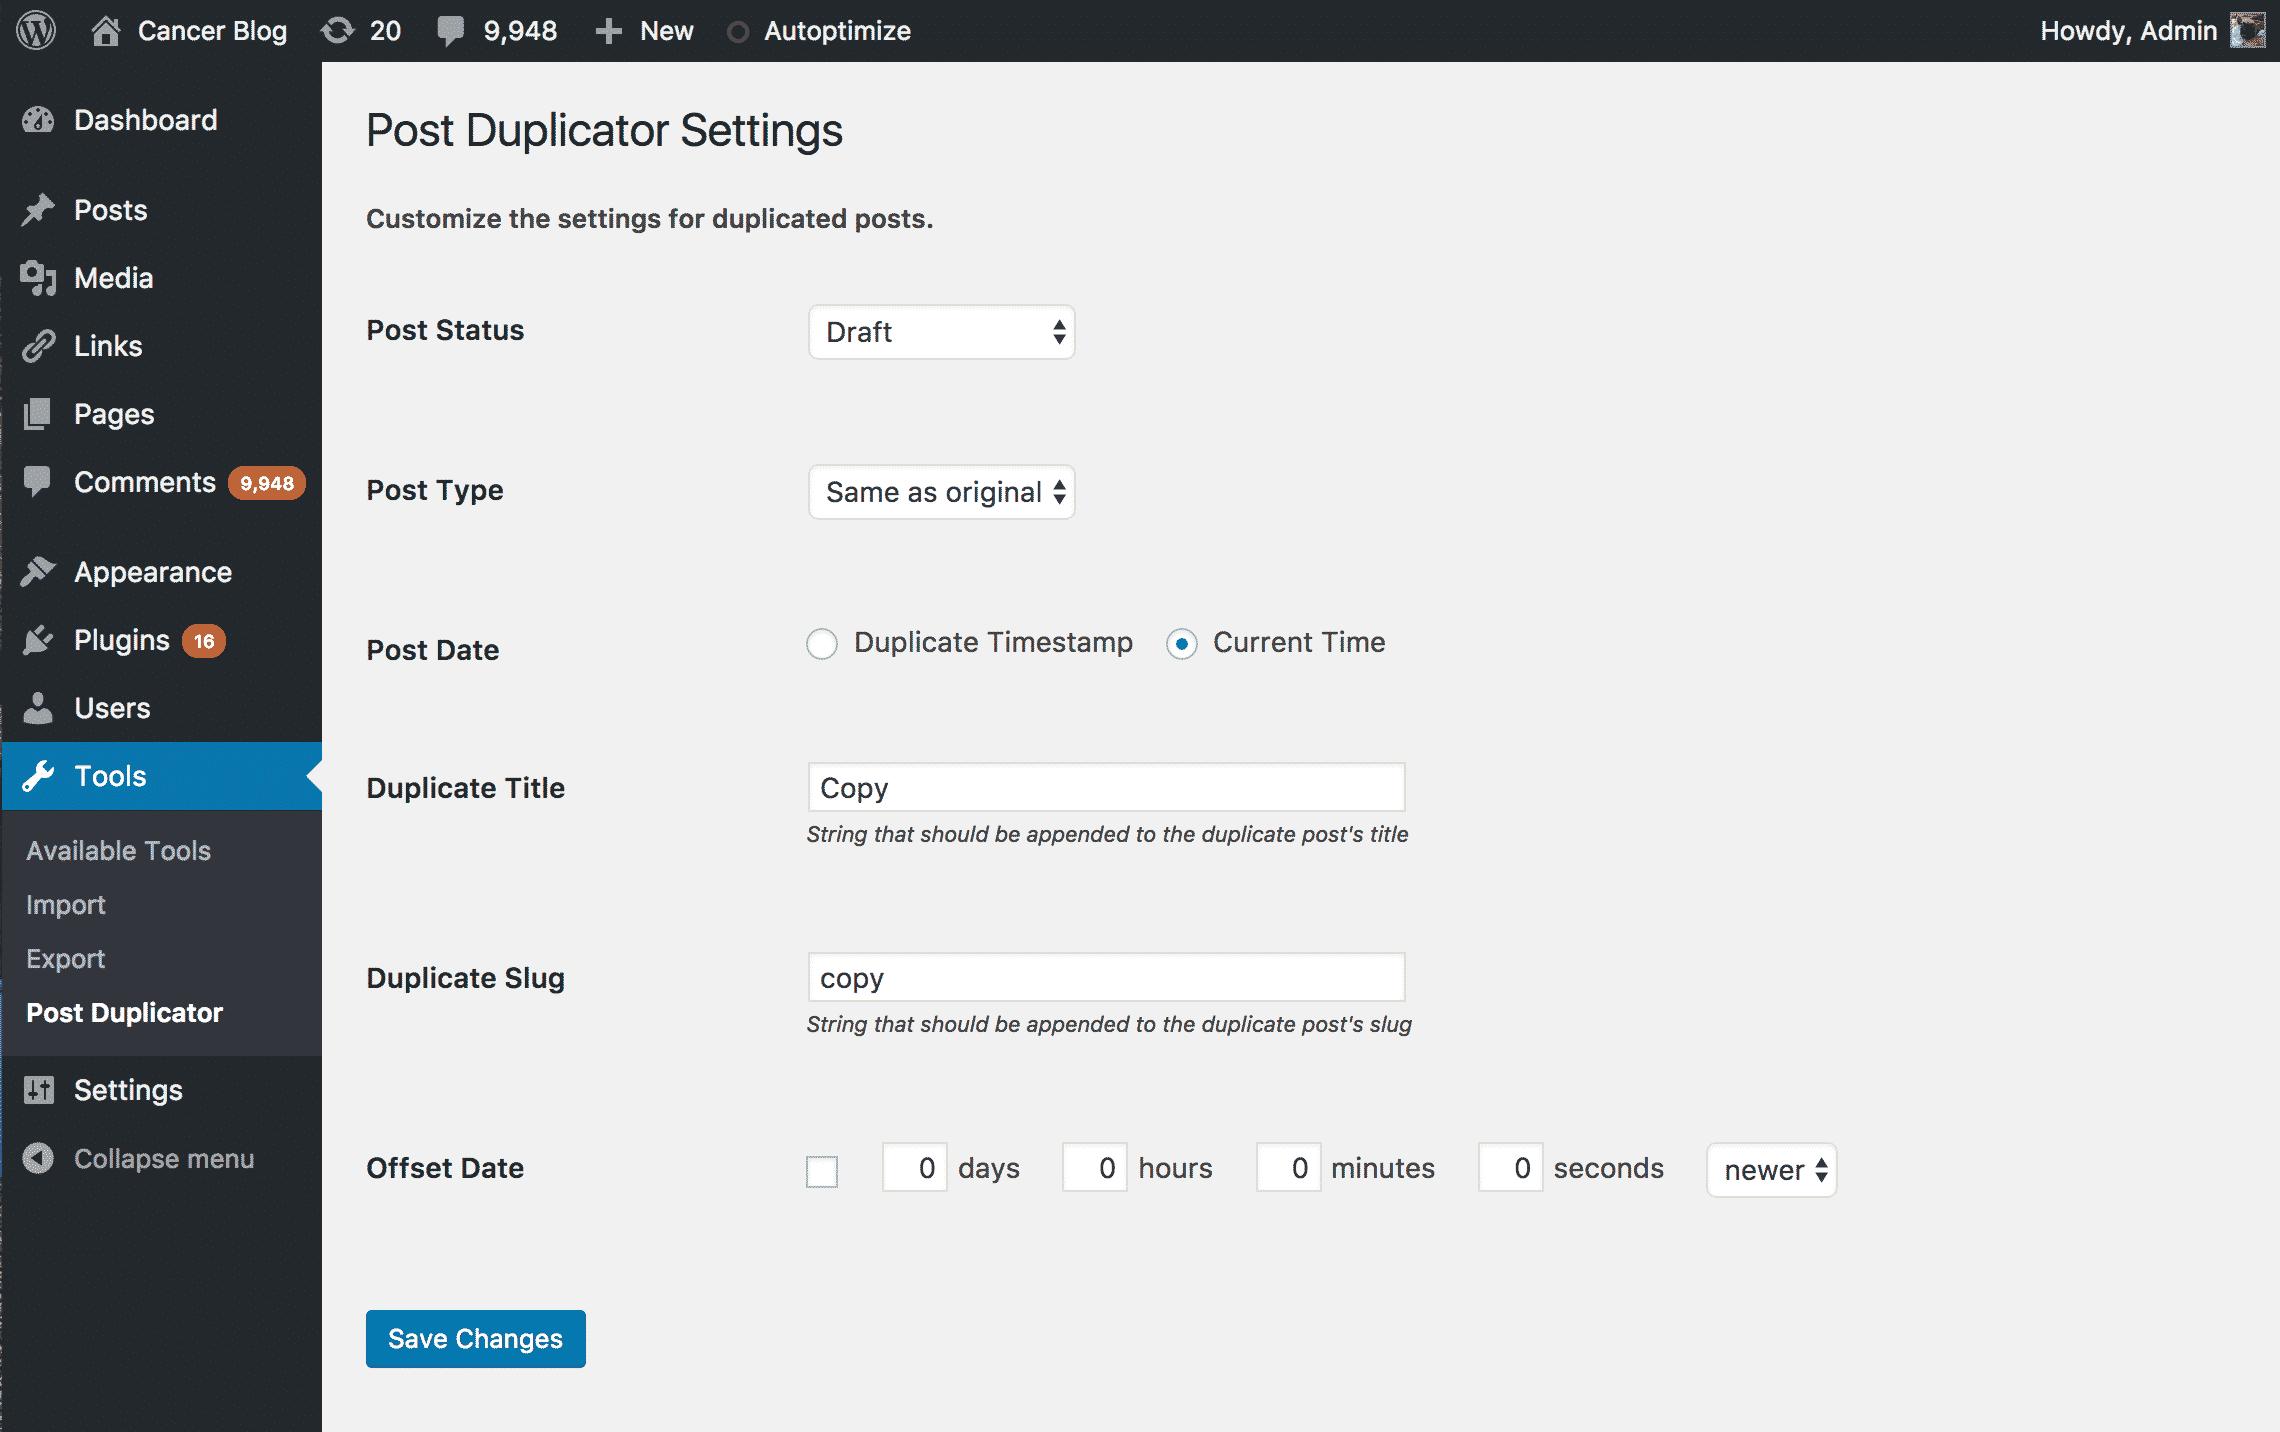 Post Duplicator Plugin Settings